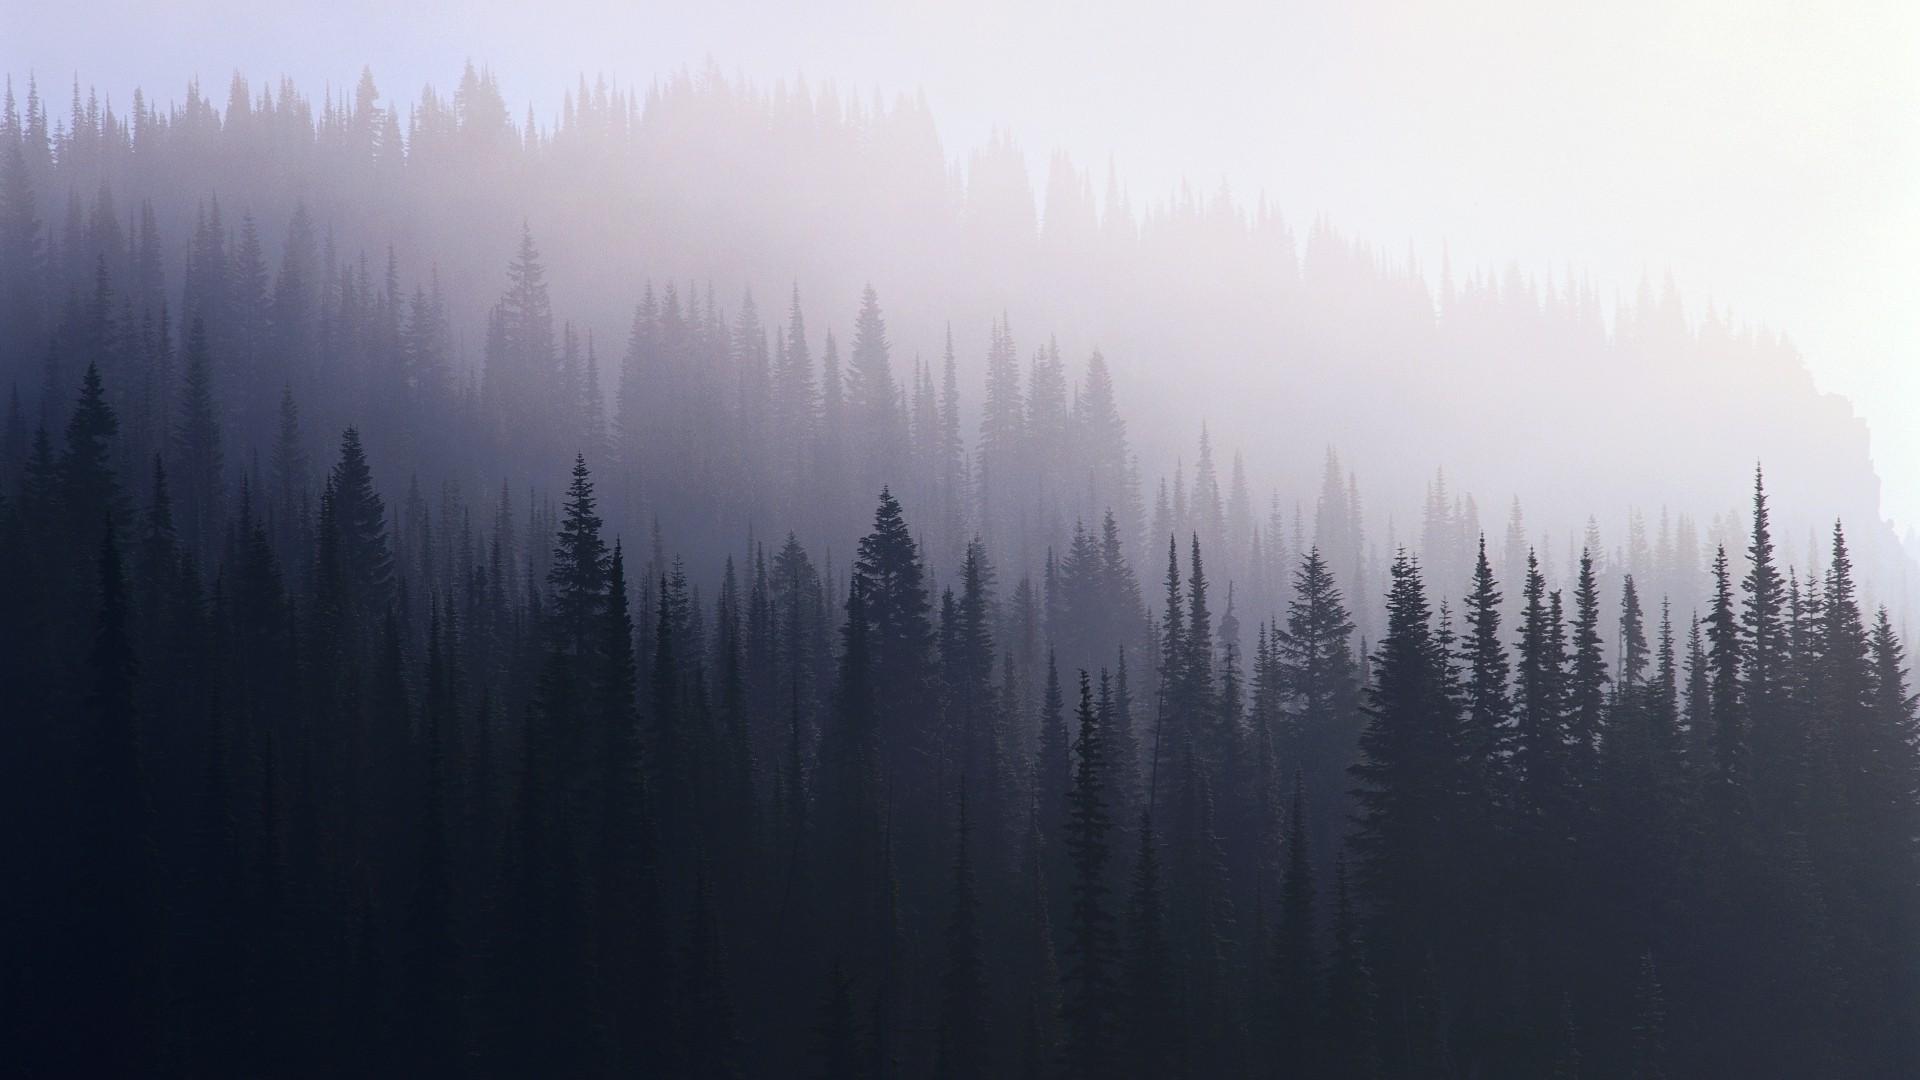 wallpaper 1920x1080 px forest mist trees 1920x1080 goodfon